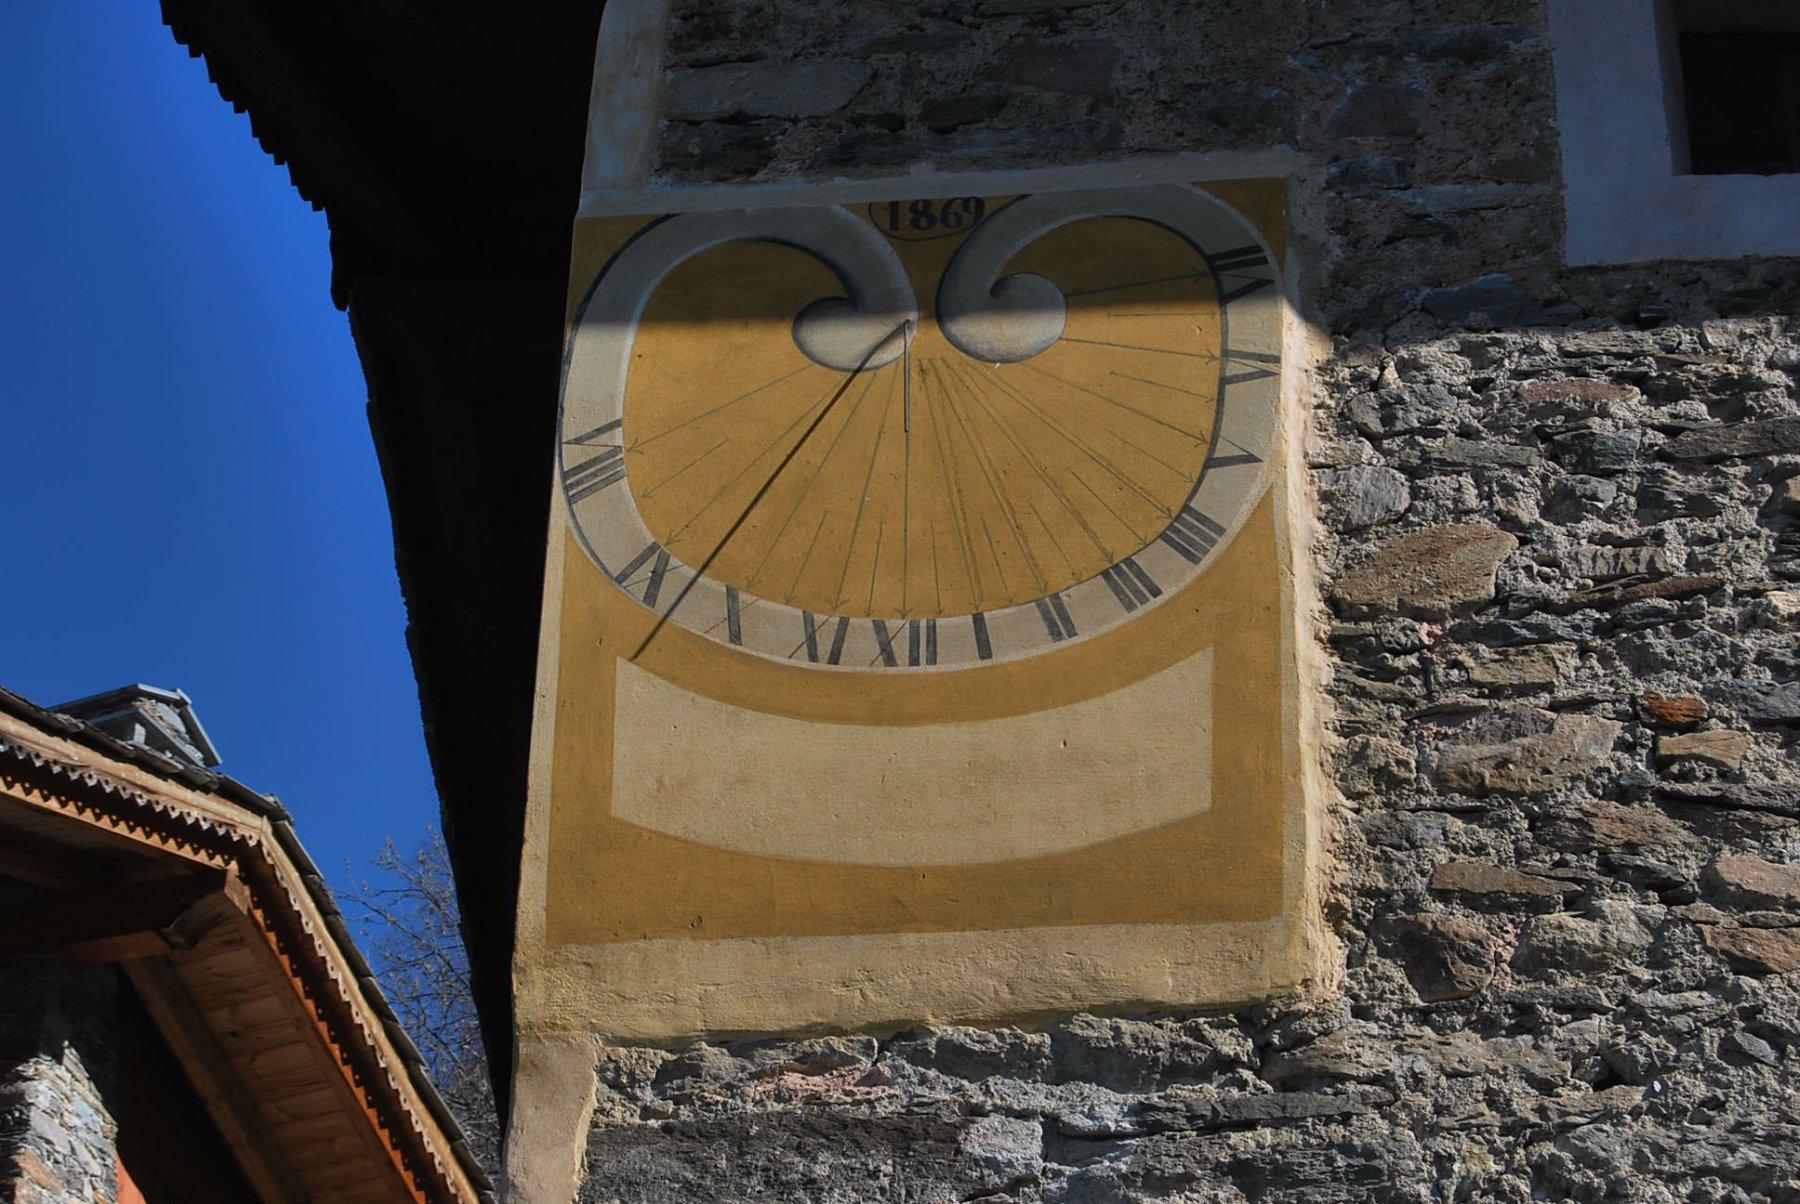 Puntualità svizzera: arrivo alle 09:30, ora (solare) di Charvaz